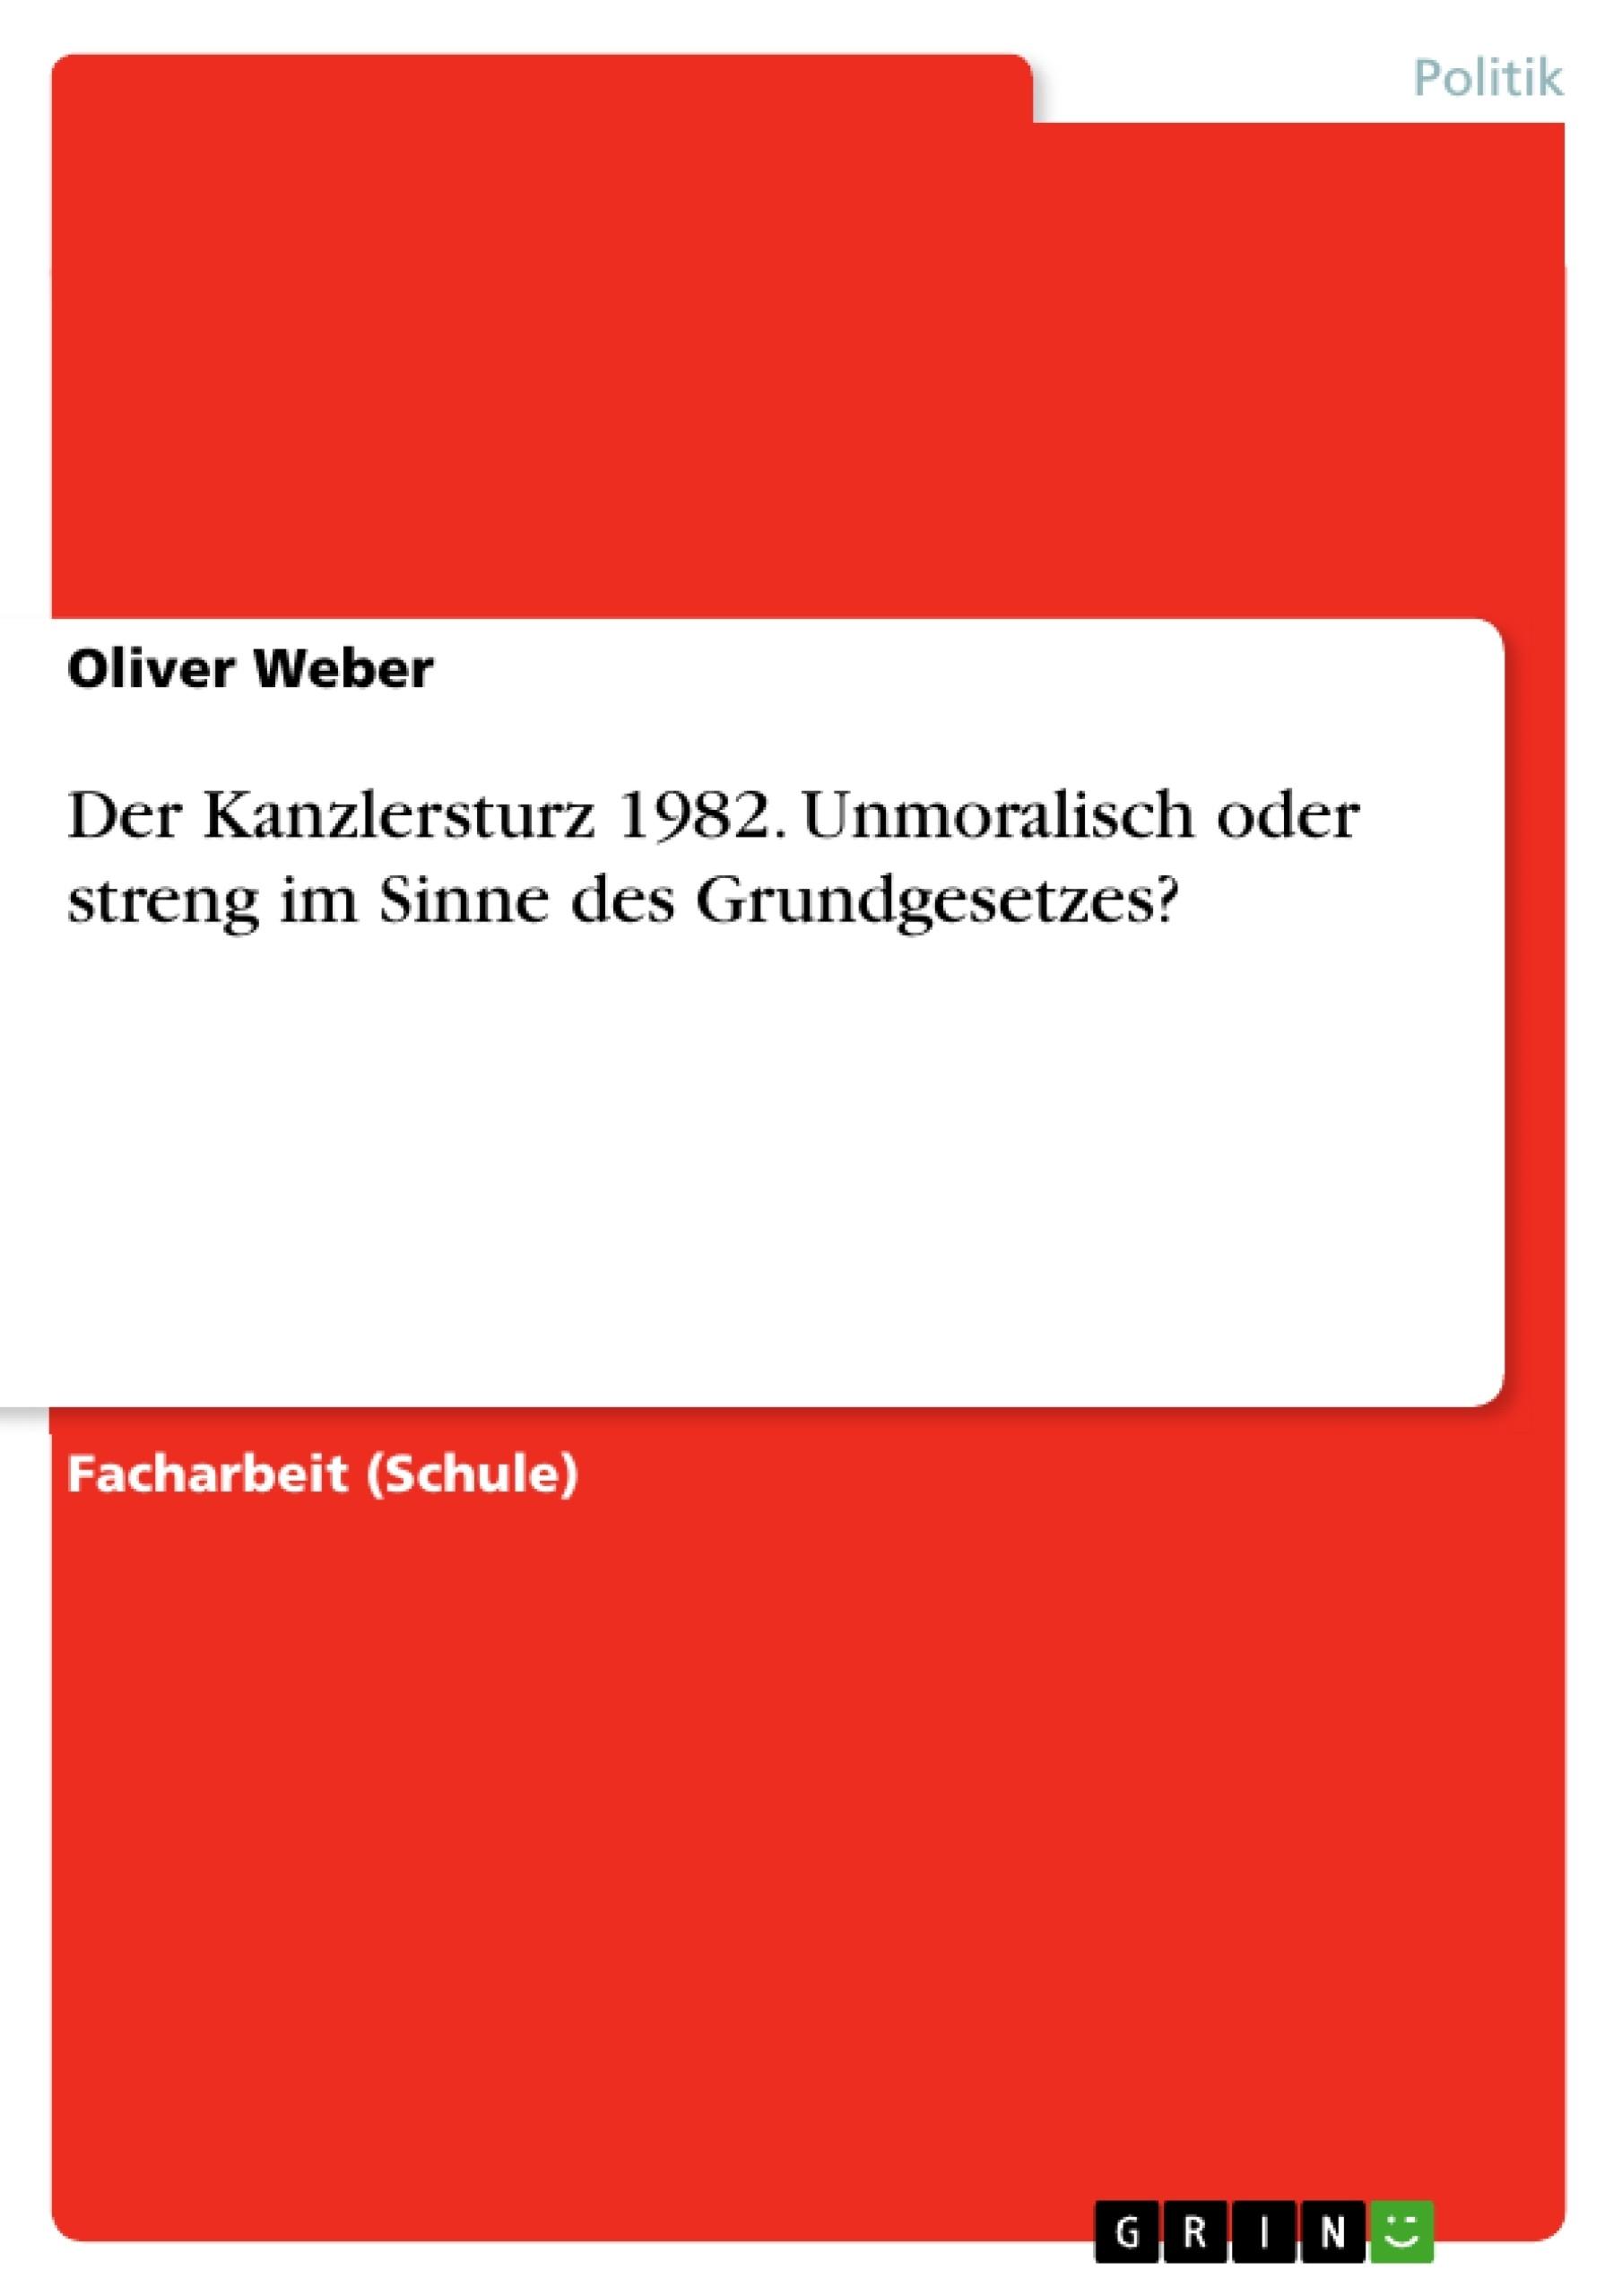 Titel: Der Kanzlersturz 1982. Unmoralisch oder streng im Sinne des Grundgesetzes?